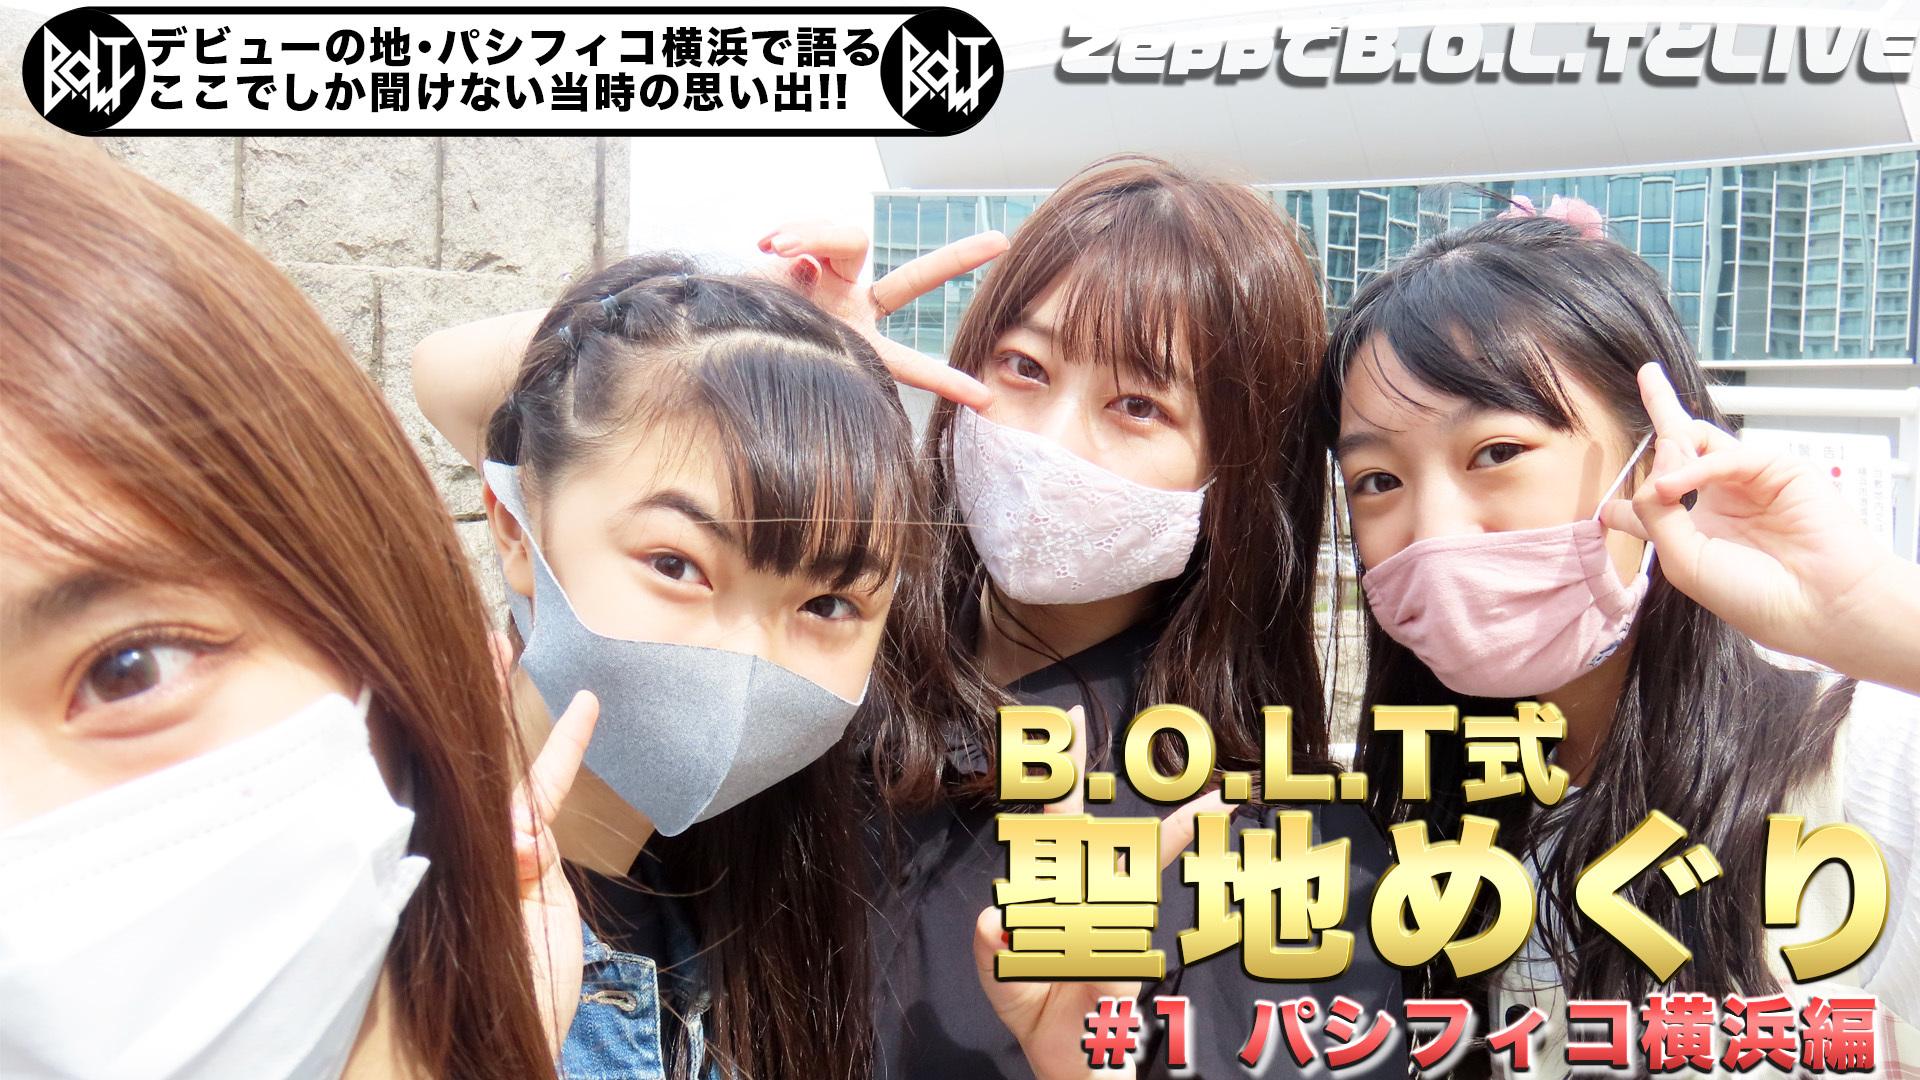 「B.O.L.T式 聖地めぐり#1 〜パシフィコ横浜編〜」